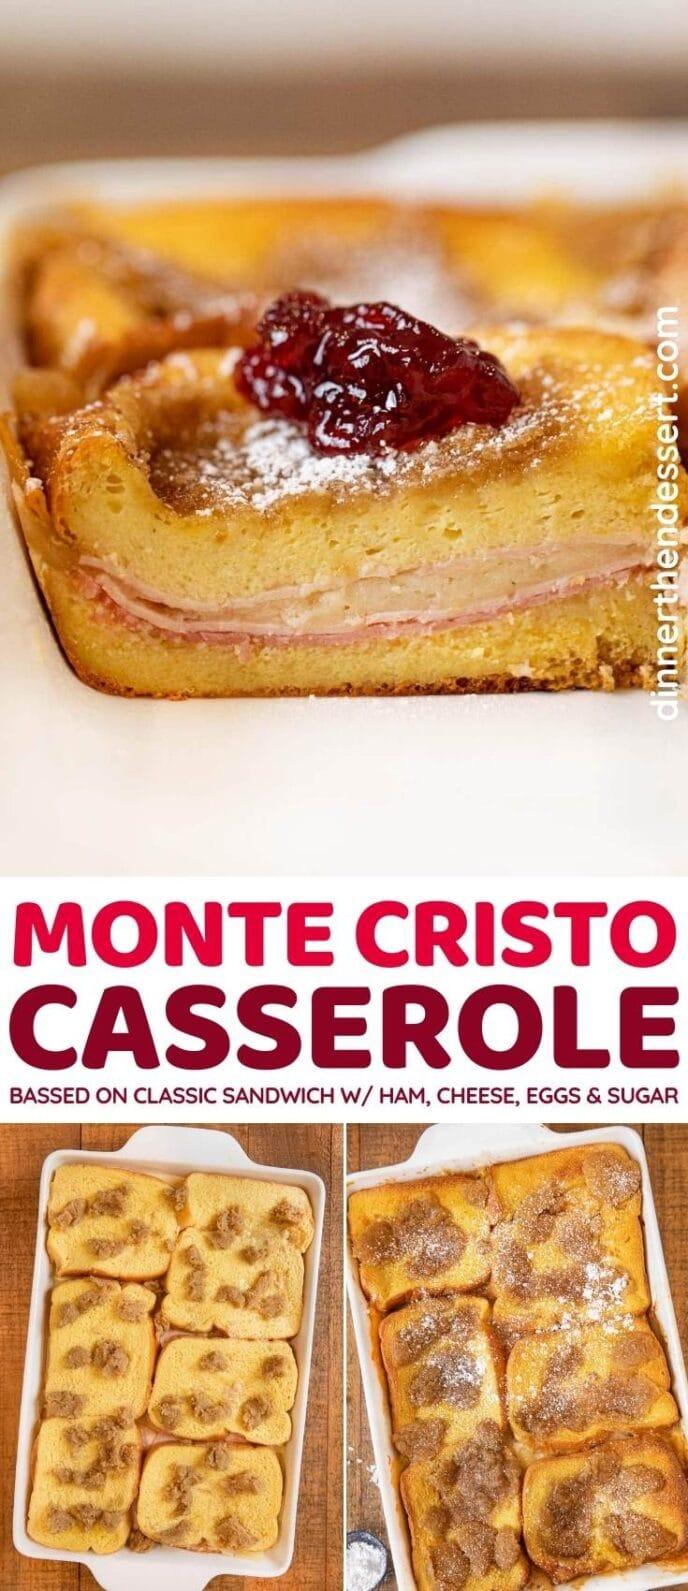 Monte Cristo Casserole collage